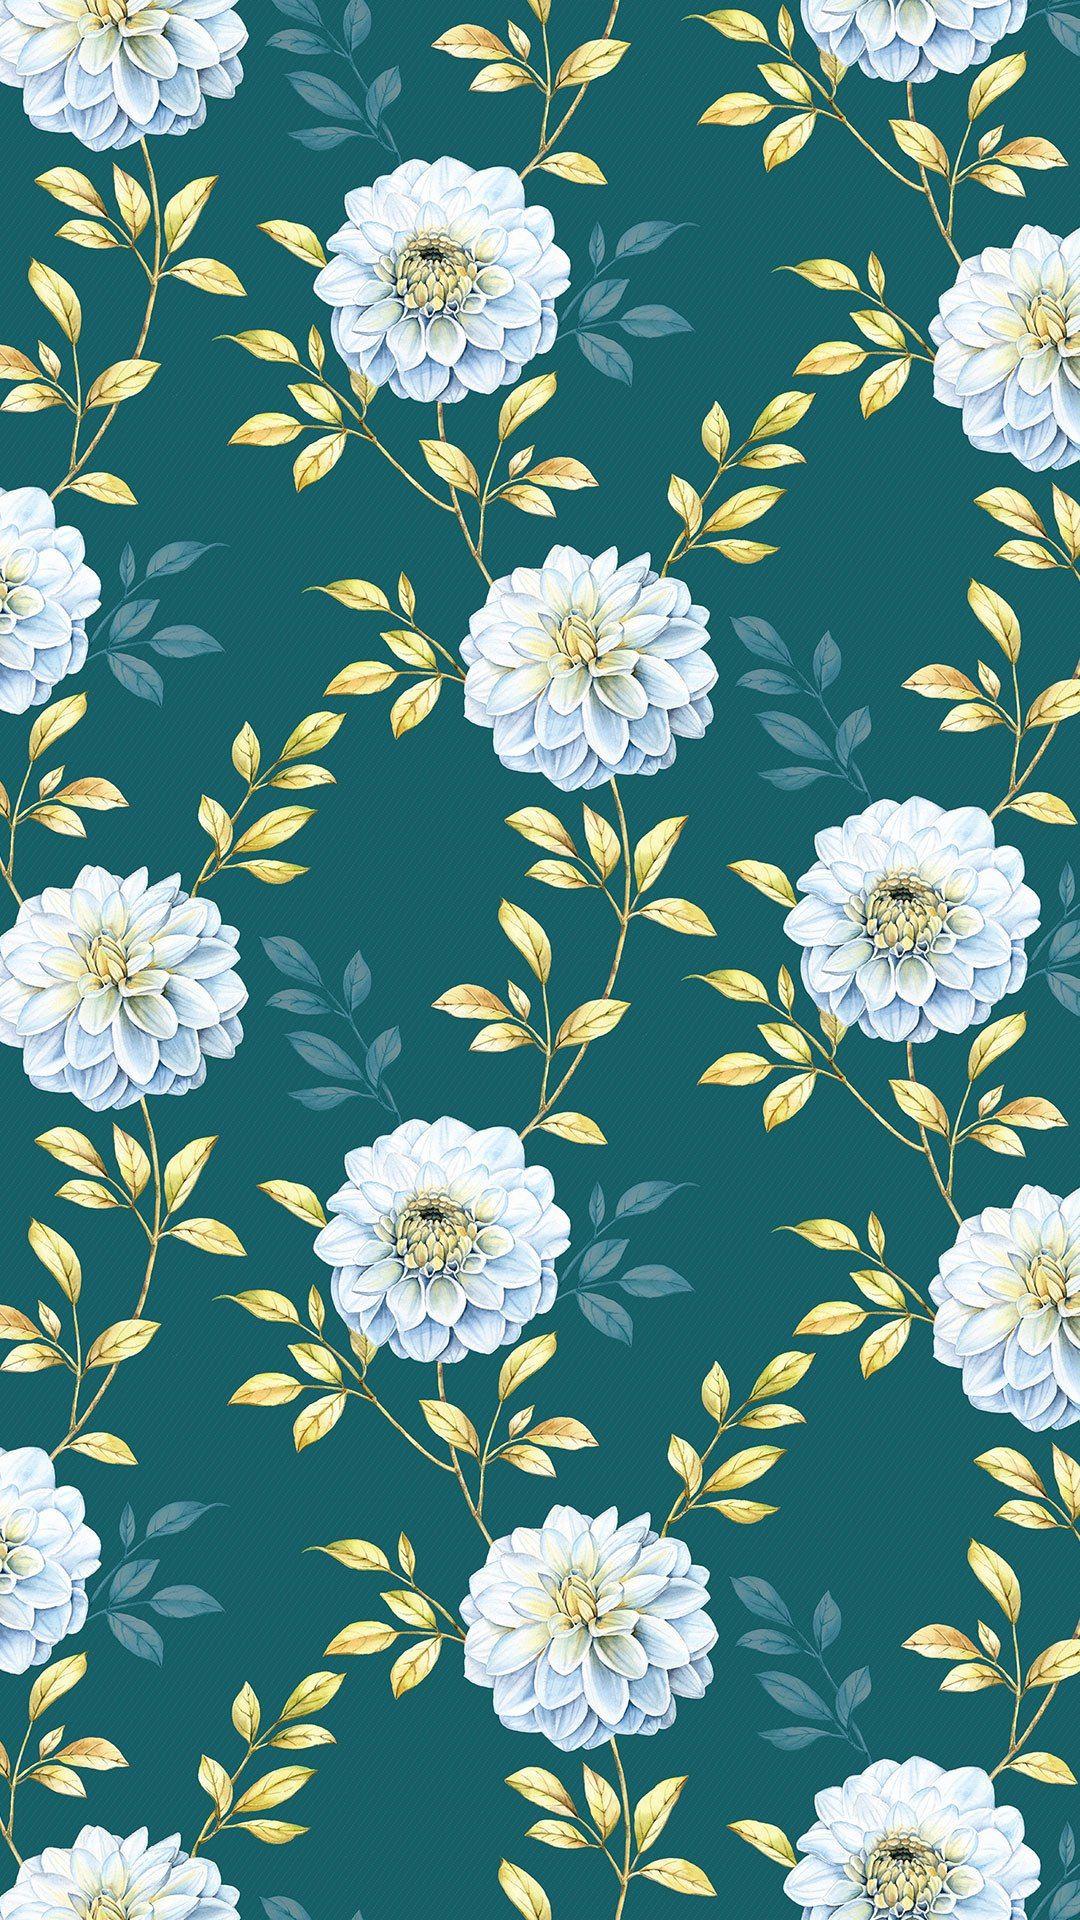 Flower Wallpaper Iphone 7 Flower wallpaper, Best iphone